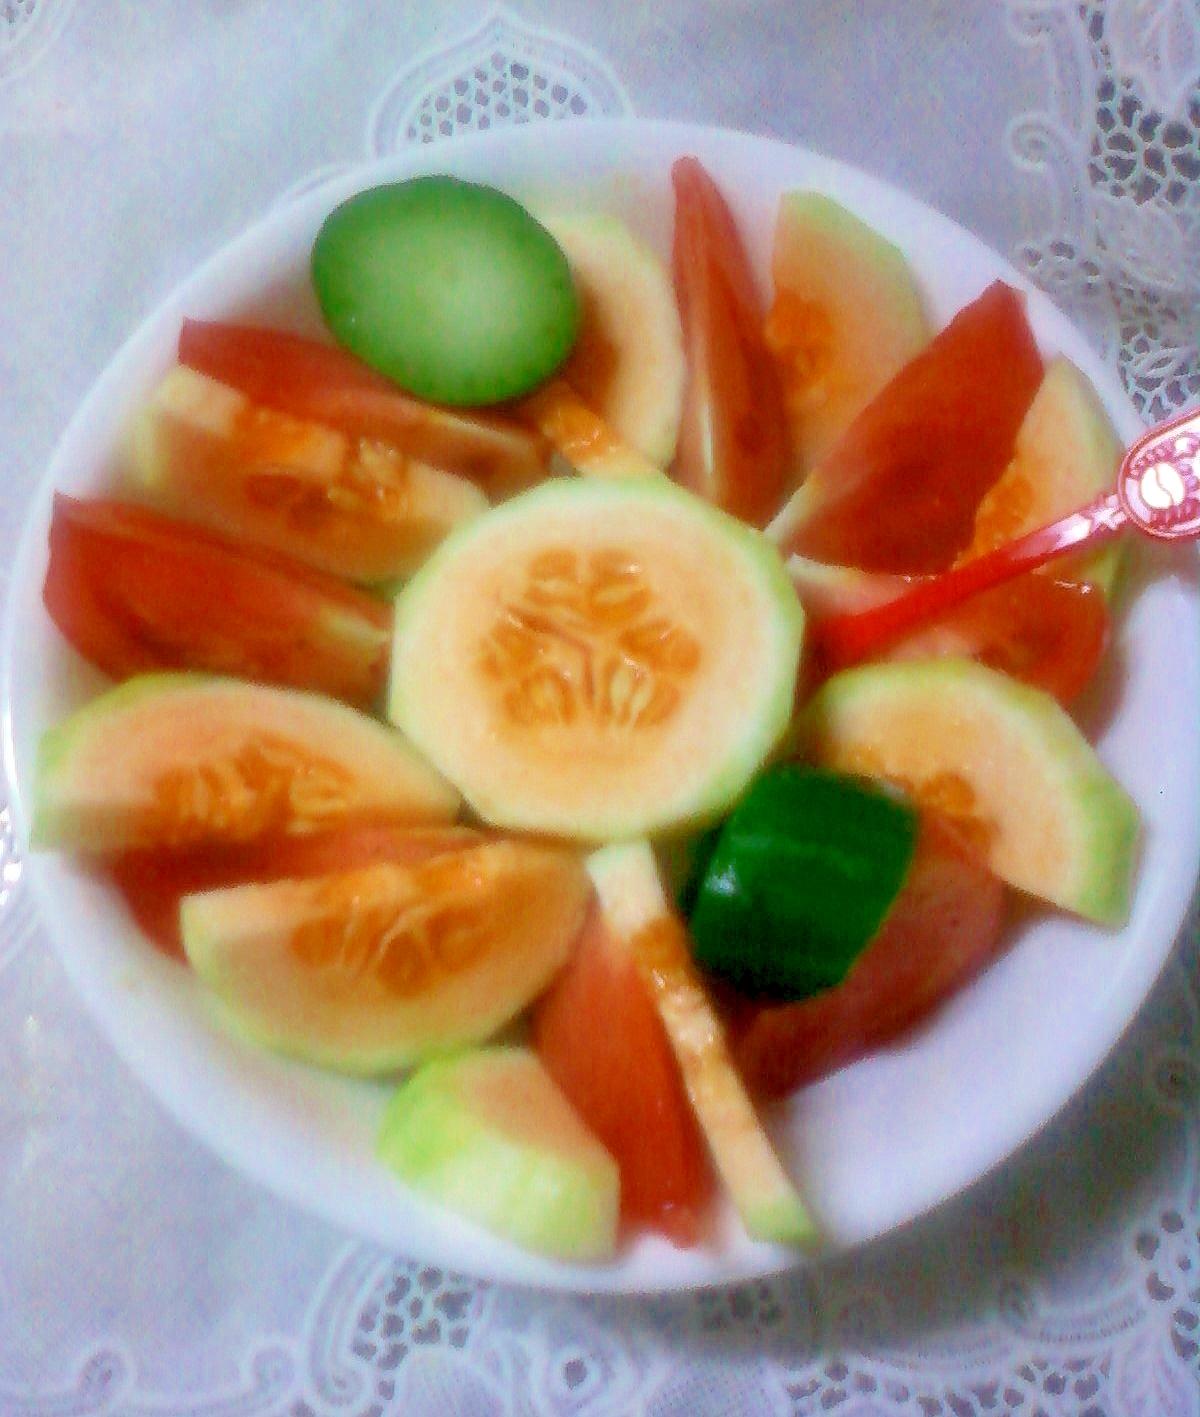 ☆トマトときゅうりと瓜のレモンソースサラダ☆*:・